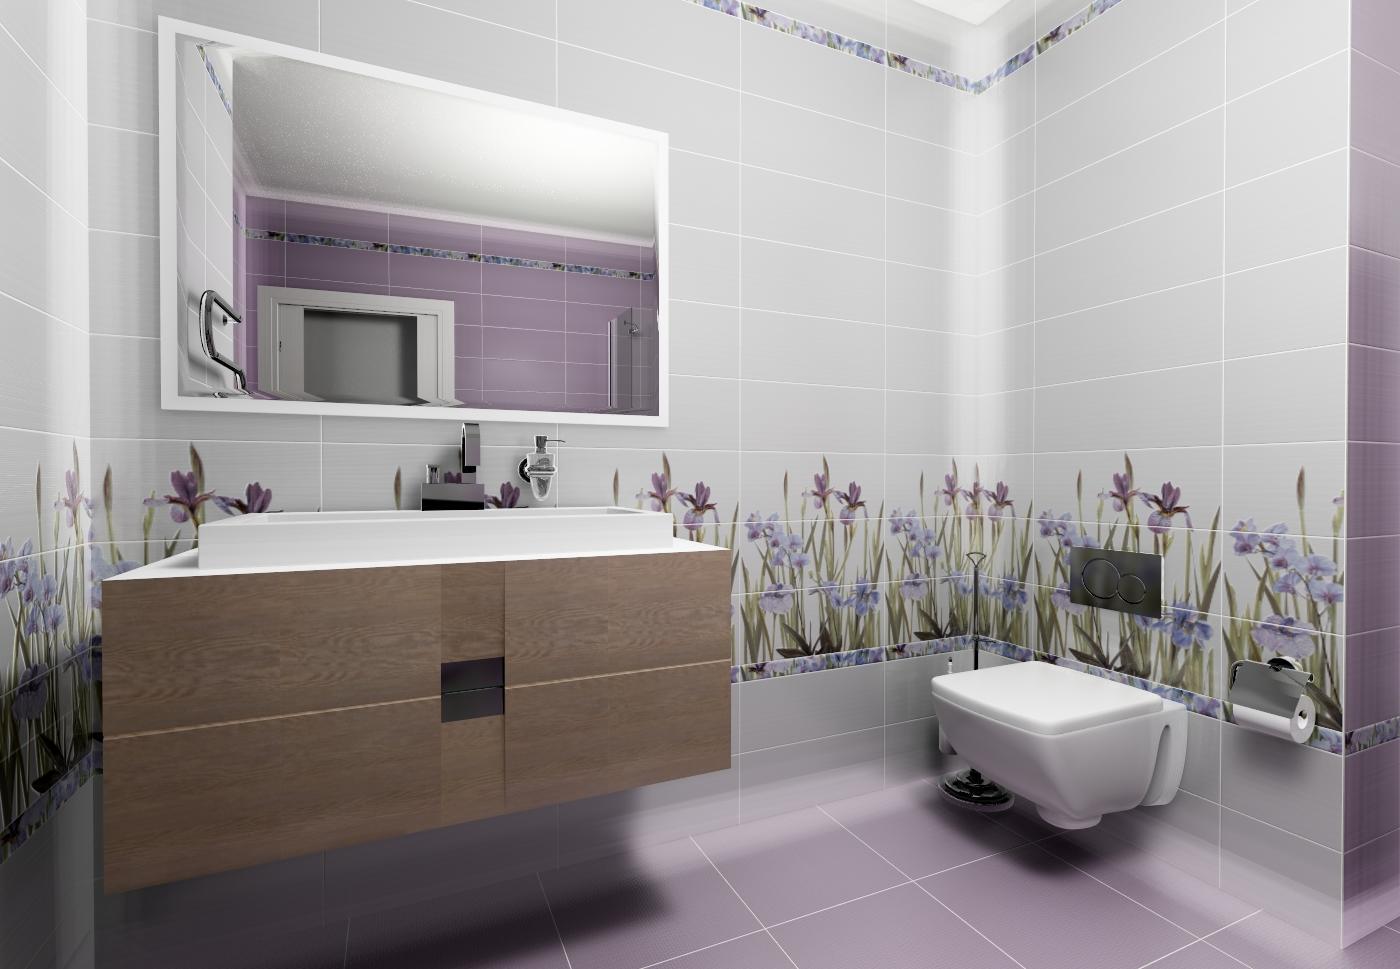 Яркие расцветки плитки в сочетании со светлыми тонами придадут ванной комнате ощущение большого пространства